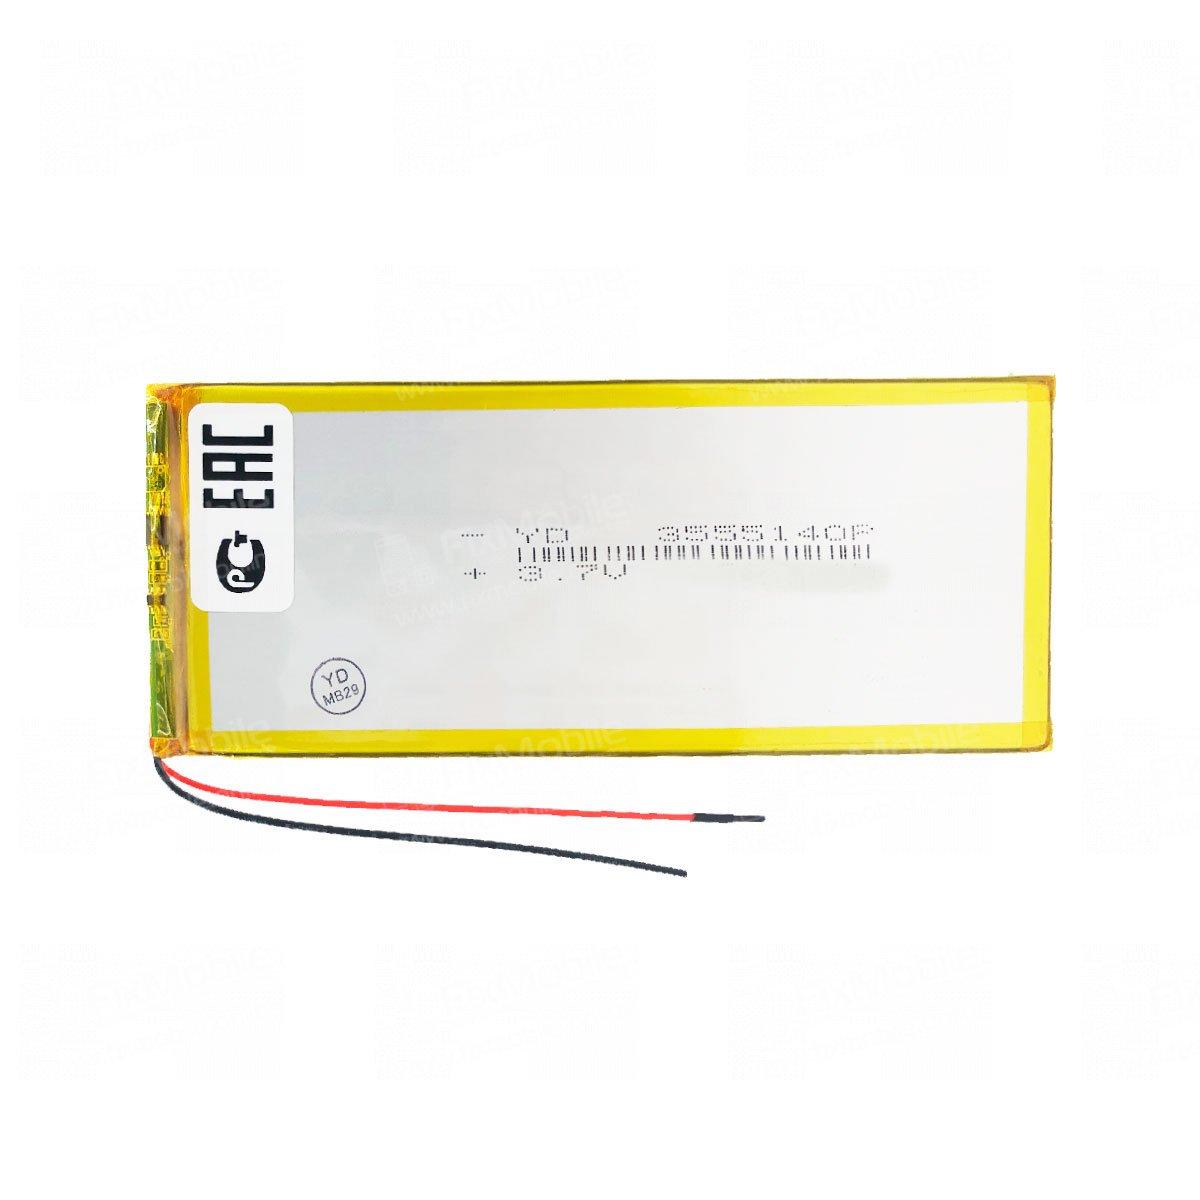 Аккумуляторная батарея универсальная 3555140p 3,7V 4500 mAh (3.5*55*140 мм)